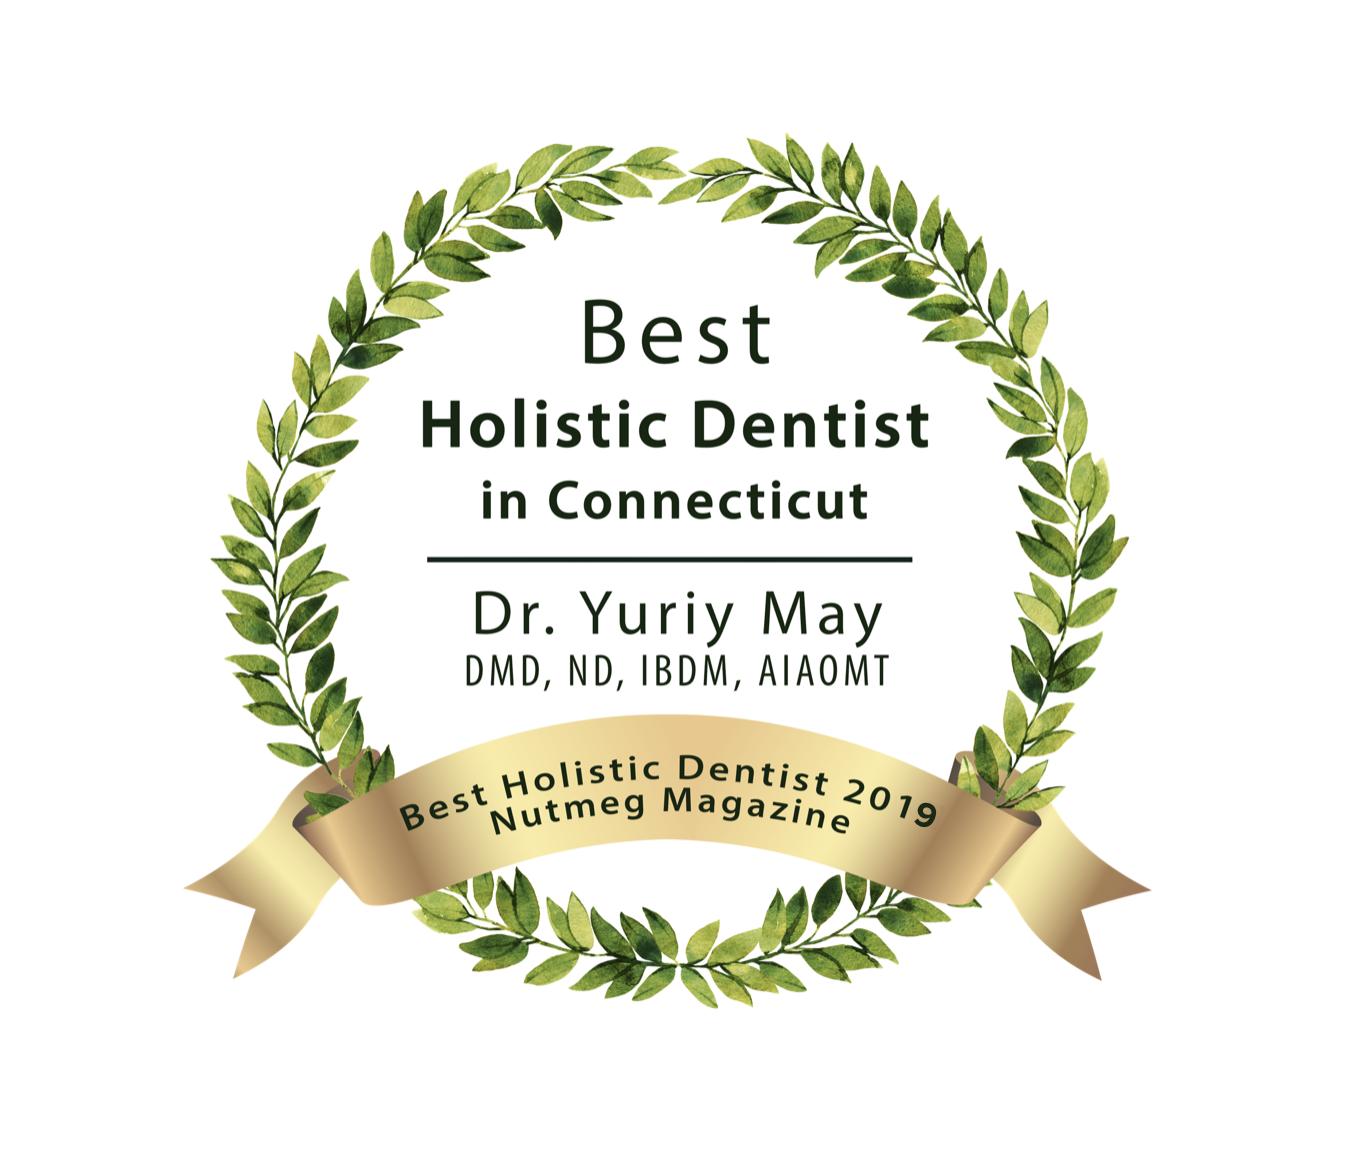 Best Holistic Dentist CT Best Biological Dentist CT Natural Nutmeg Award 2019.png